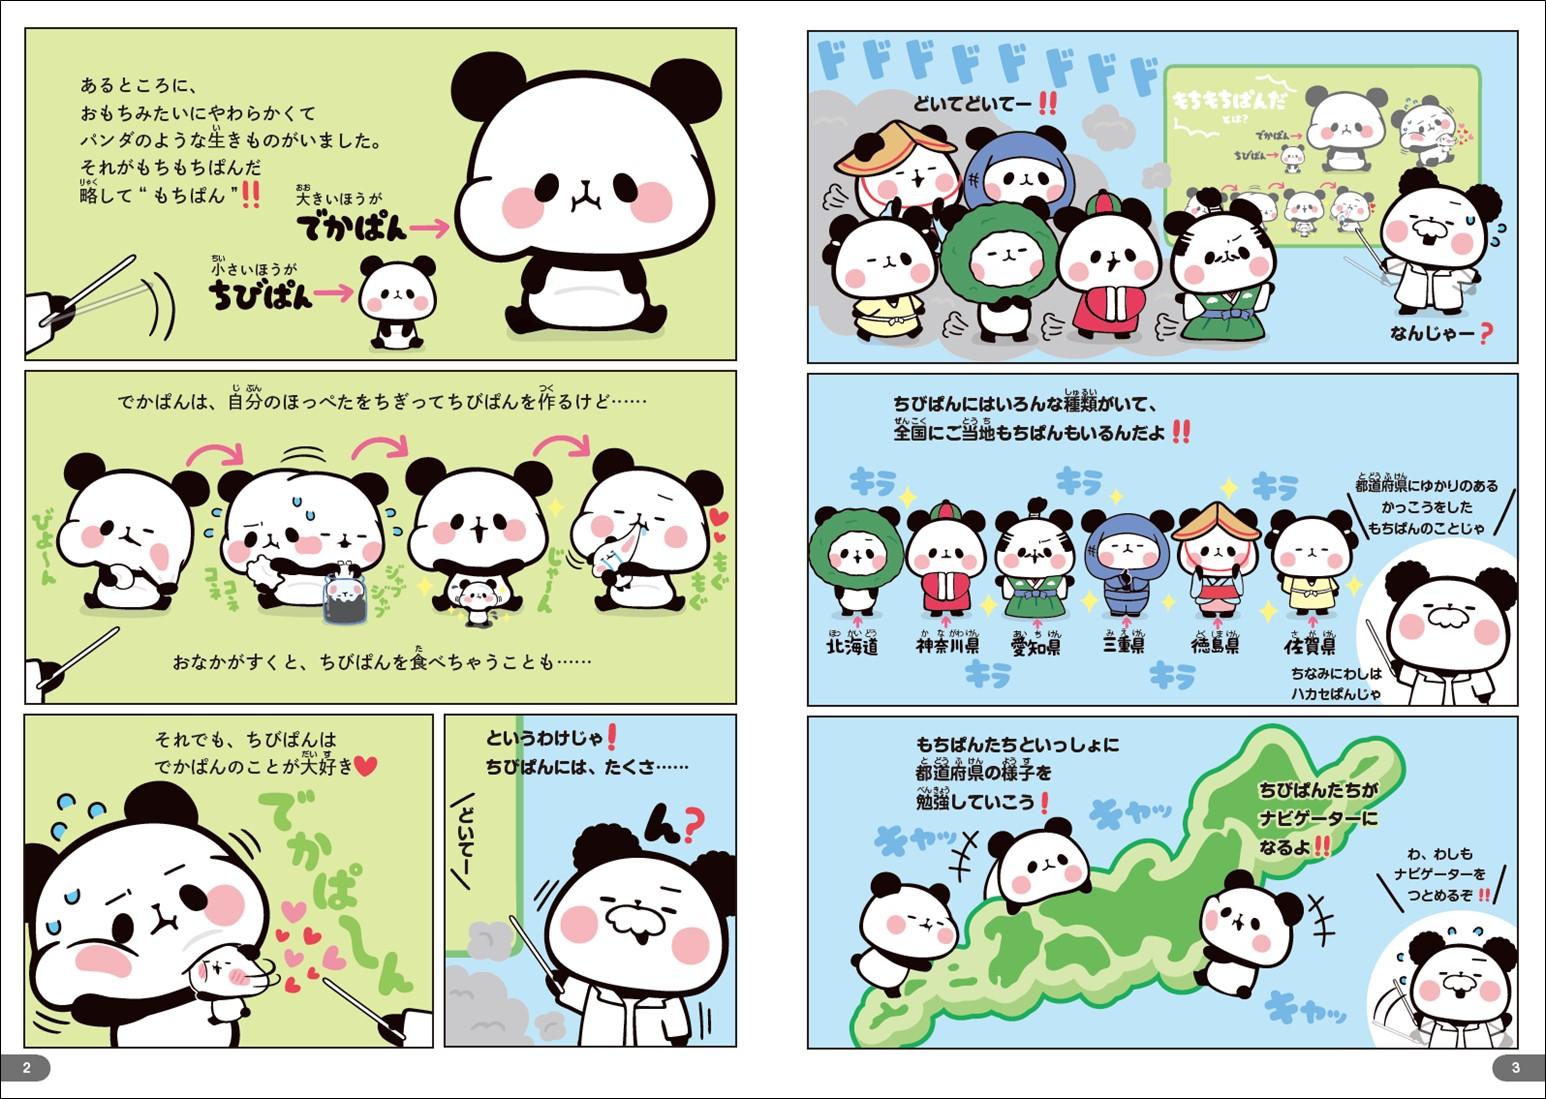 「もちばんたちといっしょに都道府県の様子を勉強していこう」紙面